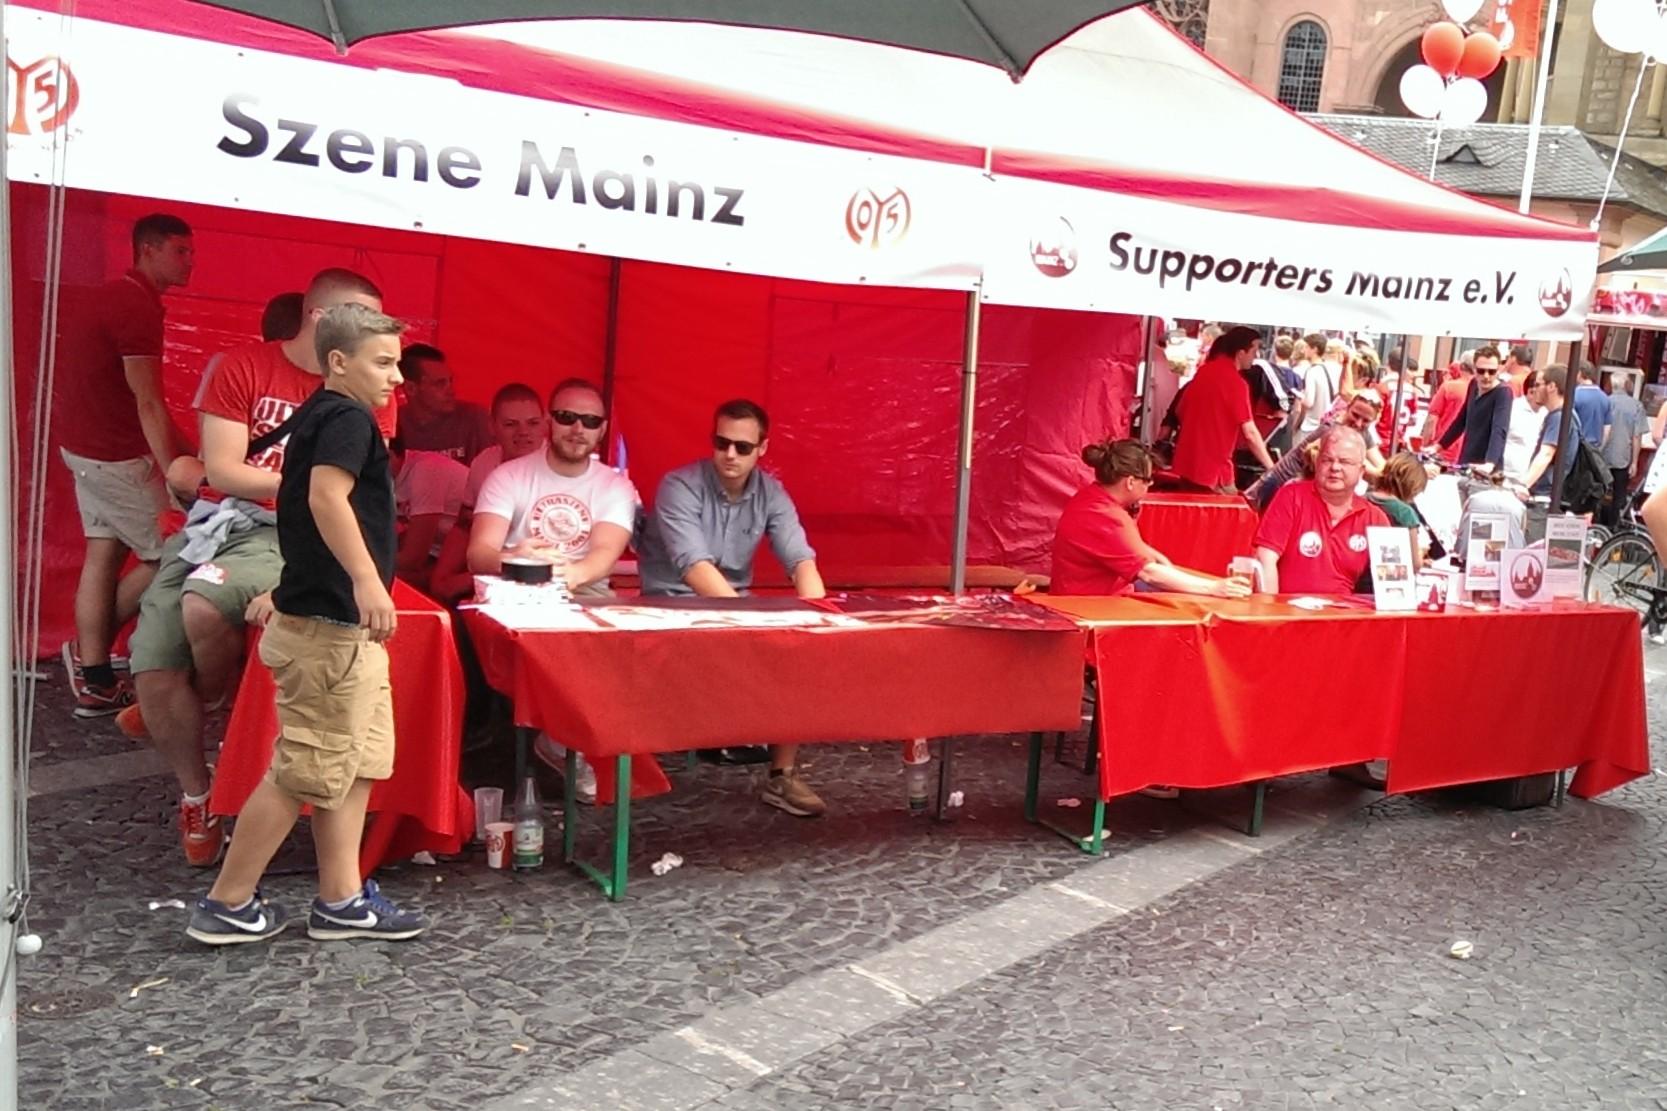 Q Block Mainz